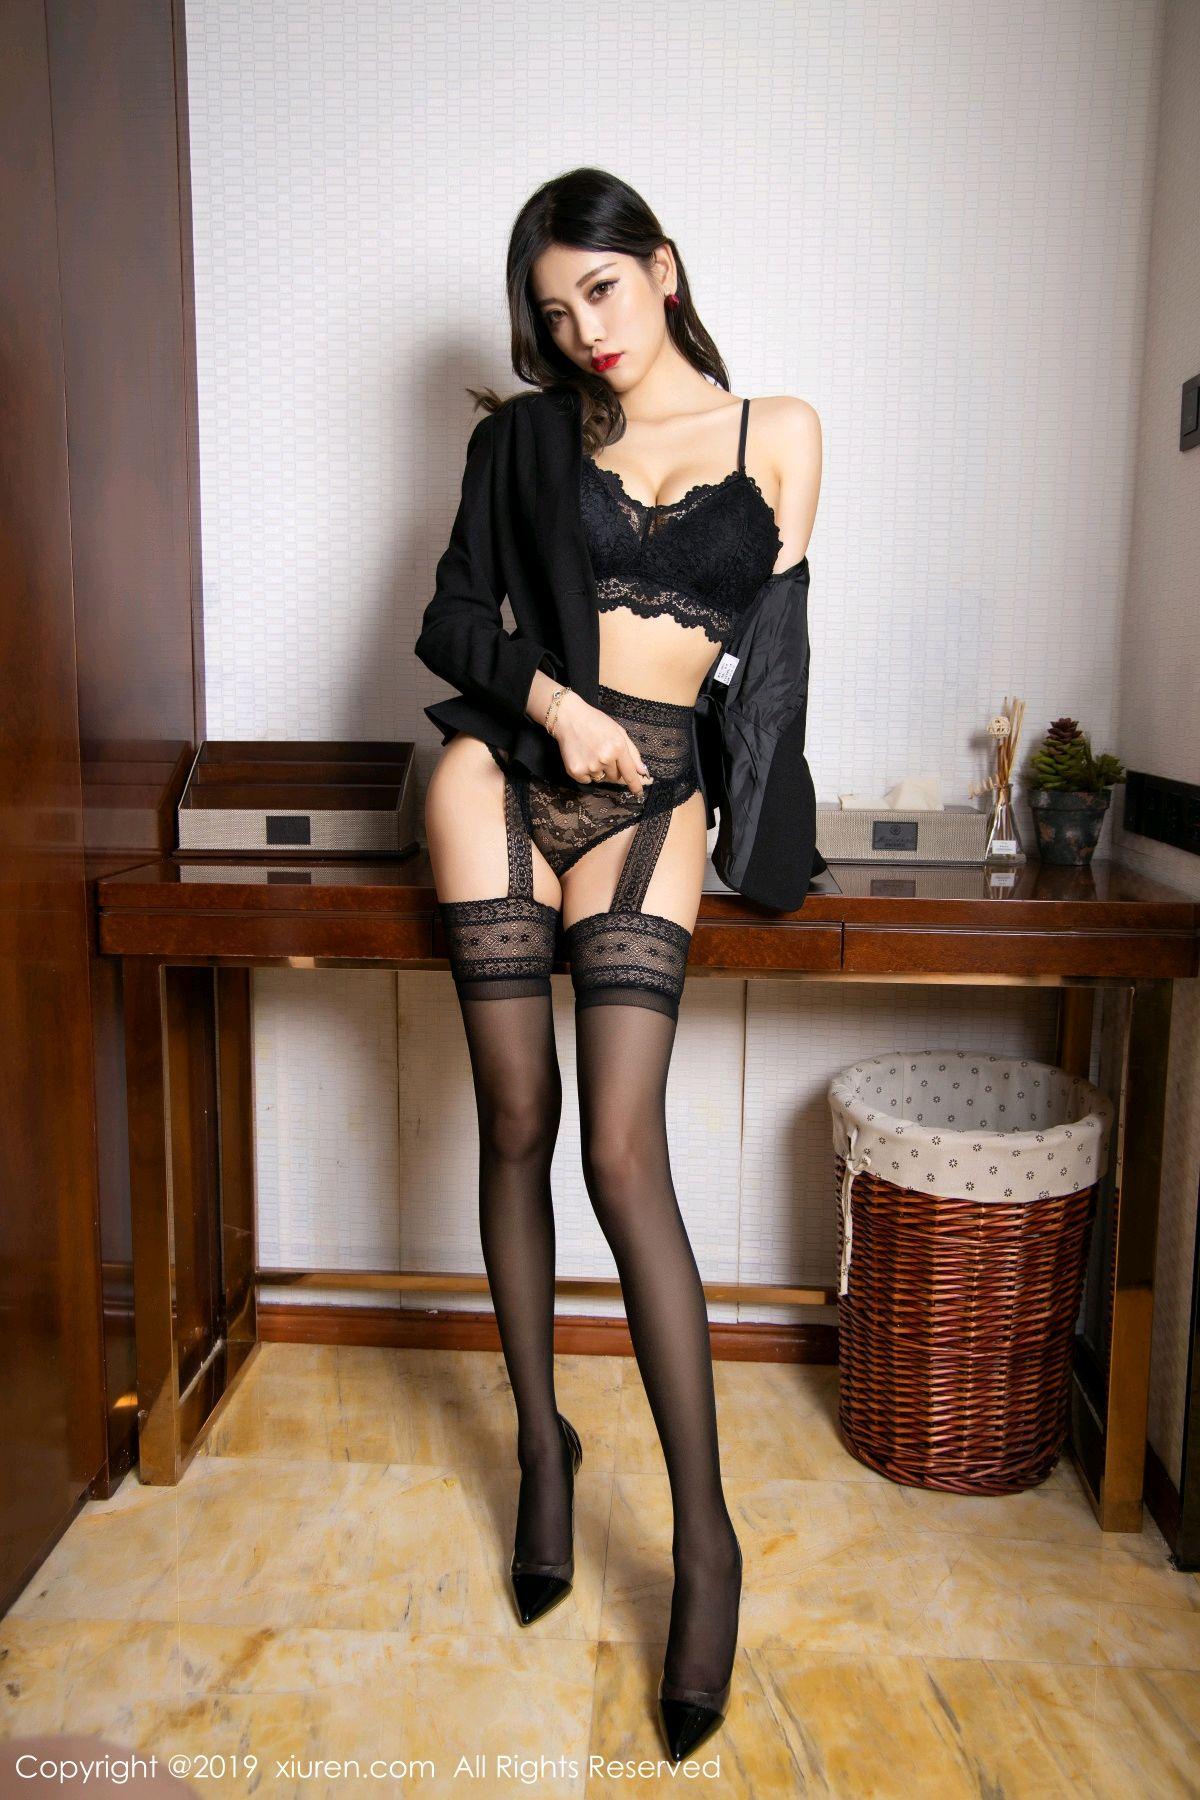 [XiaoYu] Vol.1633 Yang Chen Chen 47P, Black Silk, Tall, Uniform, XiaoYu, Yang Chen Chen